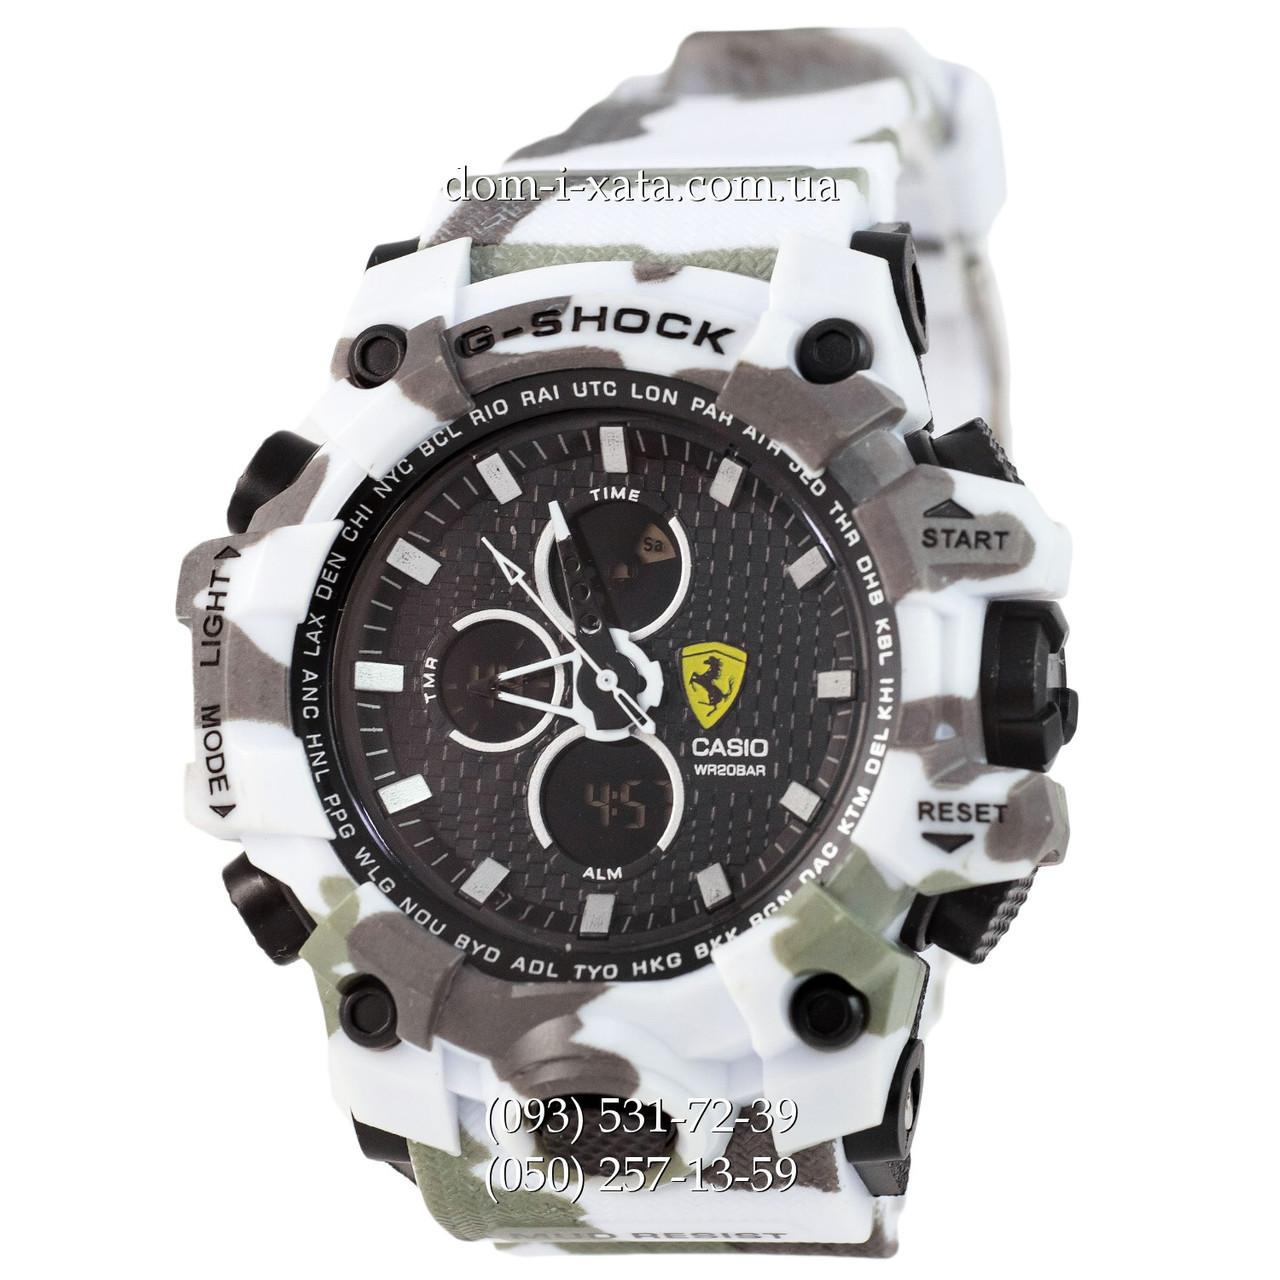 Электронные часы Casio G-Shock Ferrari Grade Militari-White, спортивные часы Джи Шок феррари военные, реплика, отличное качество!